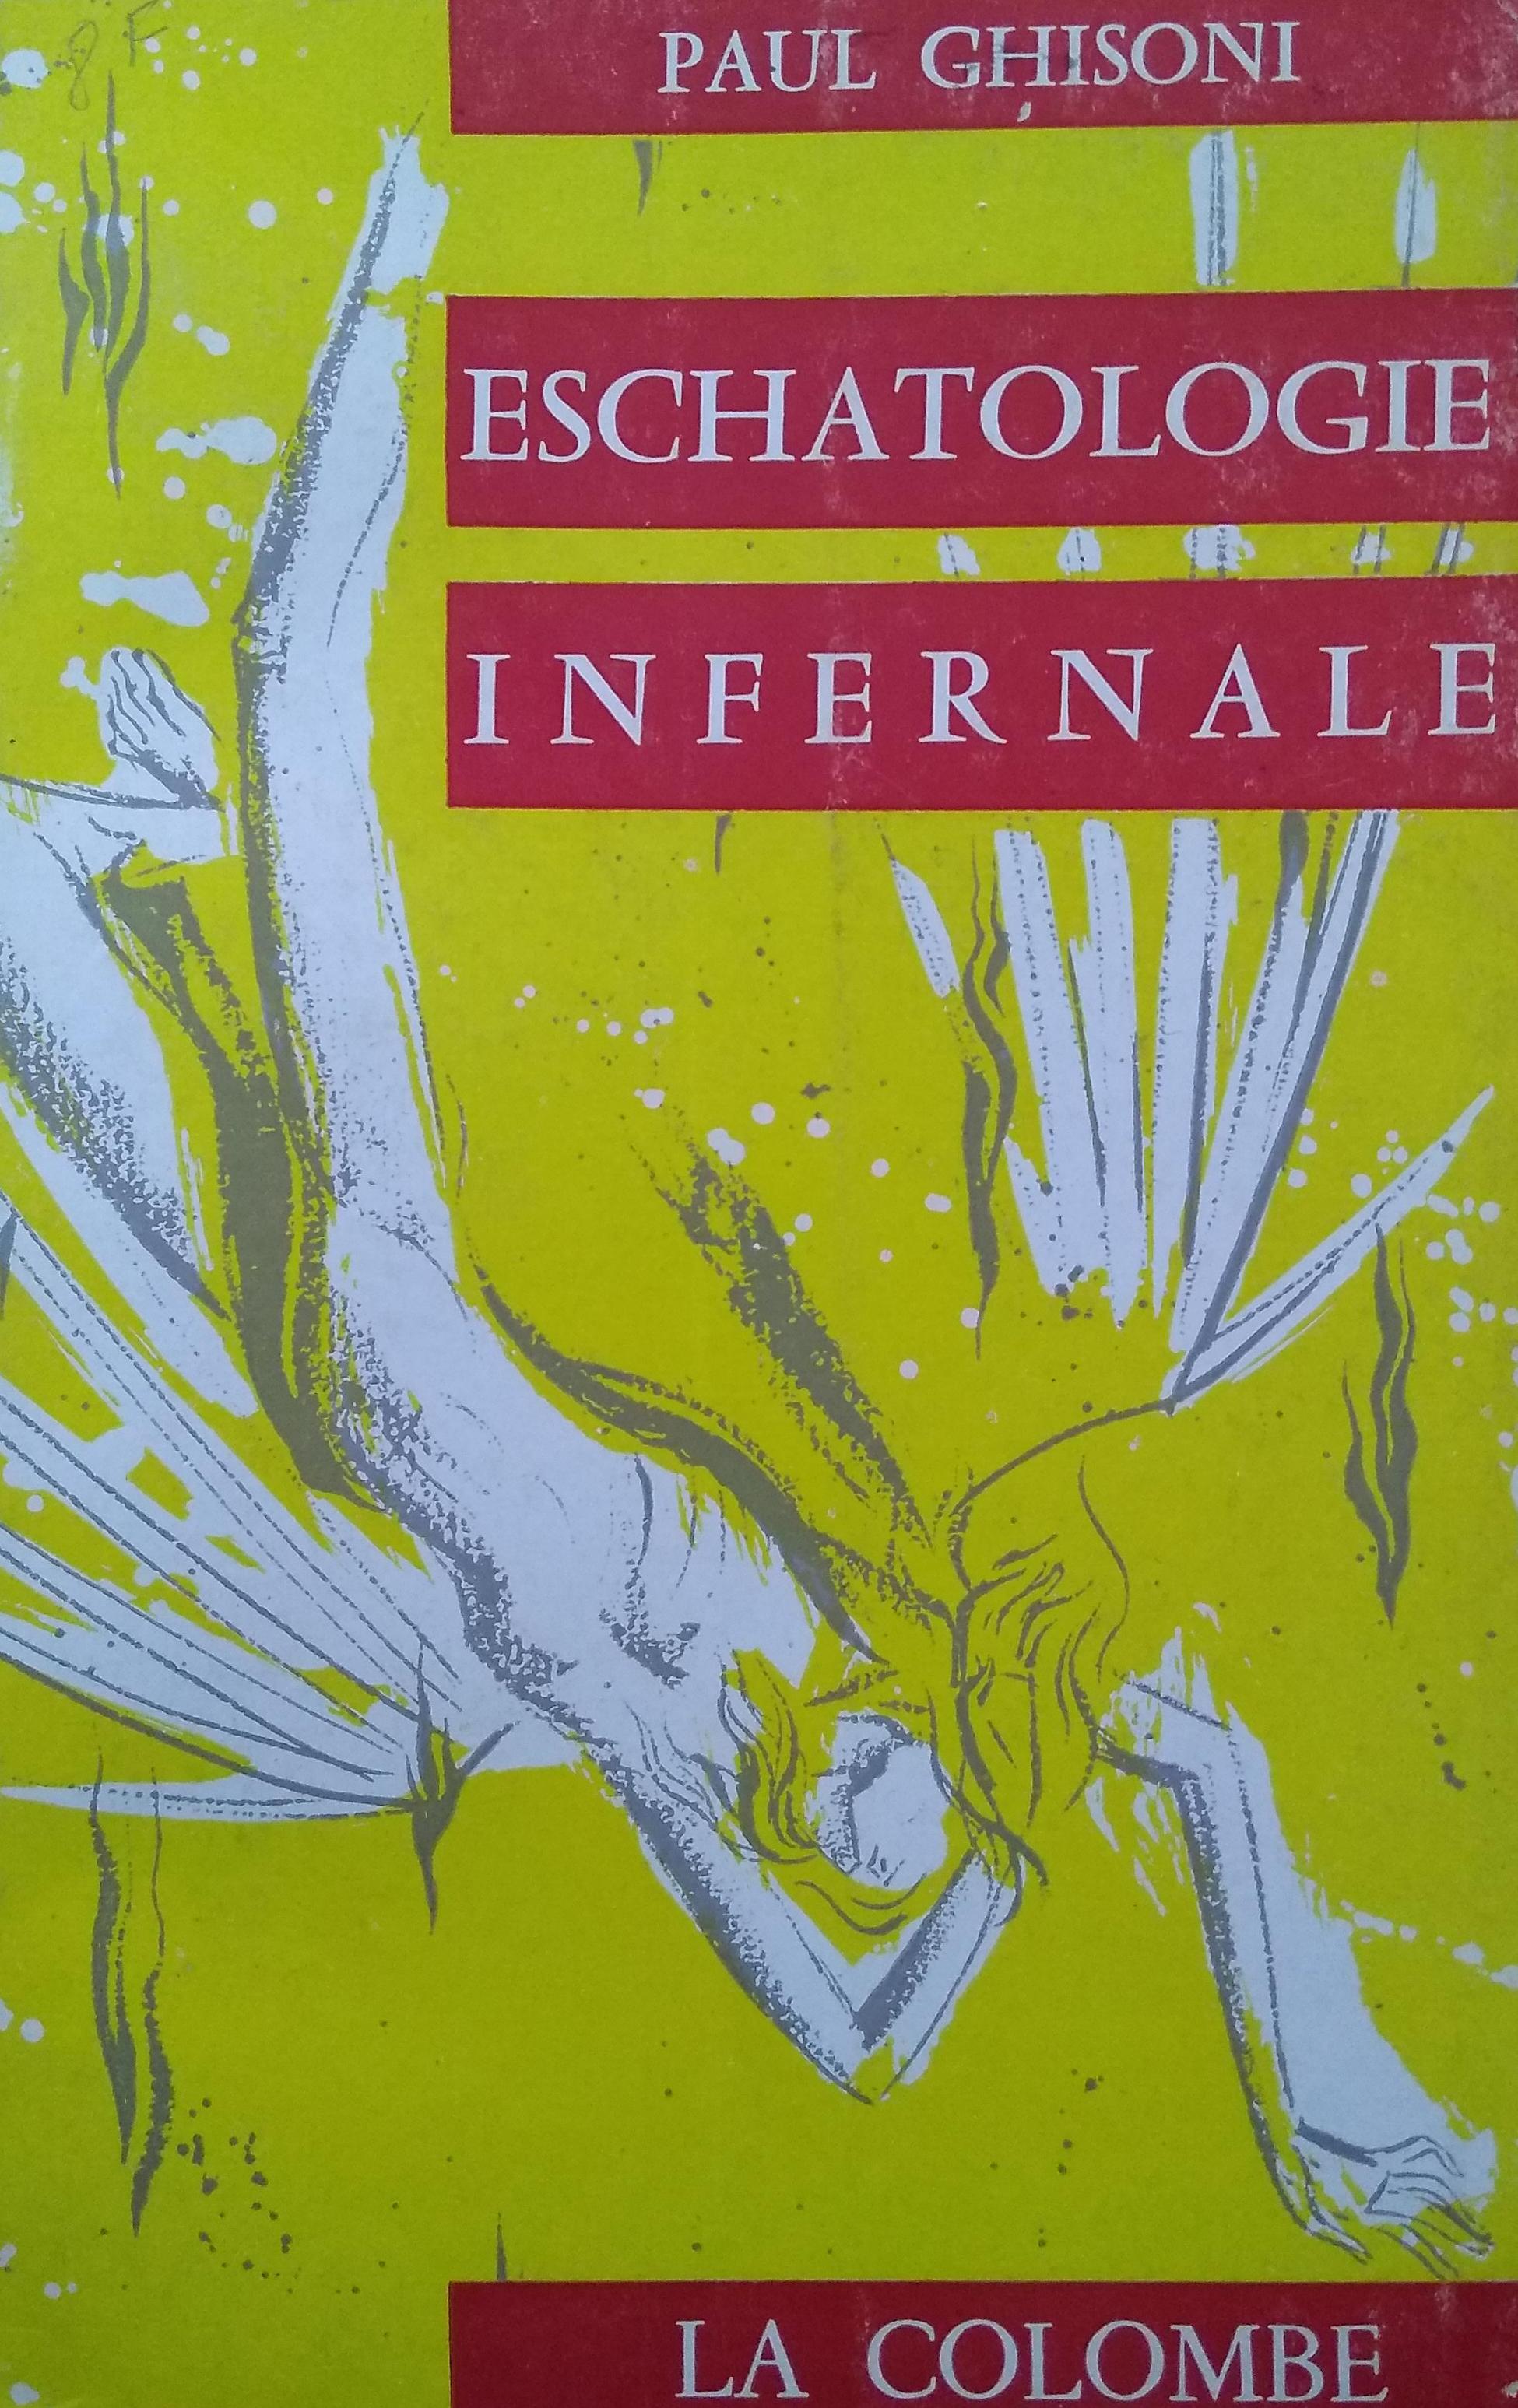 Eschatologie Infernale